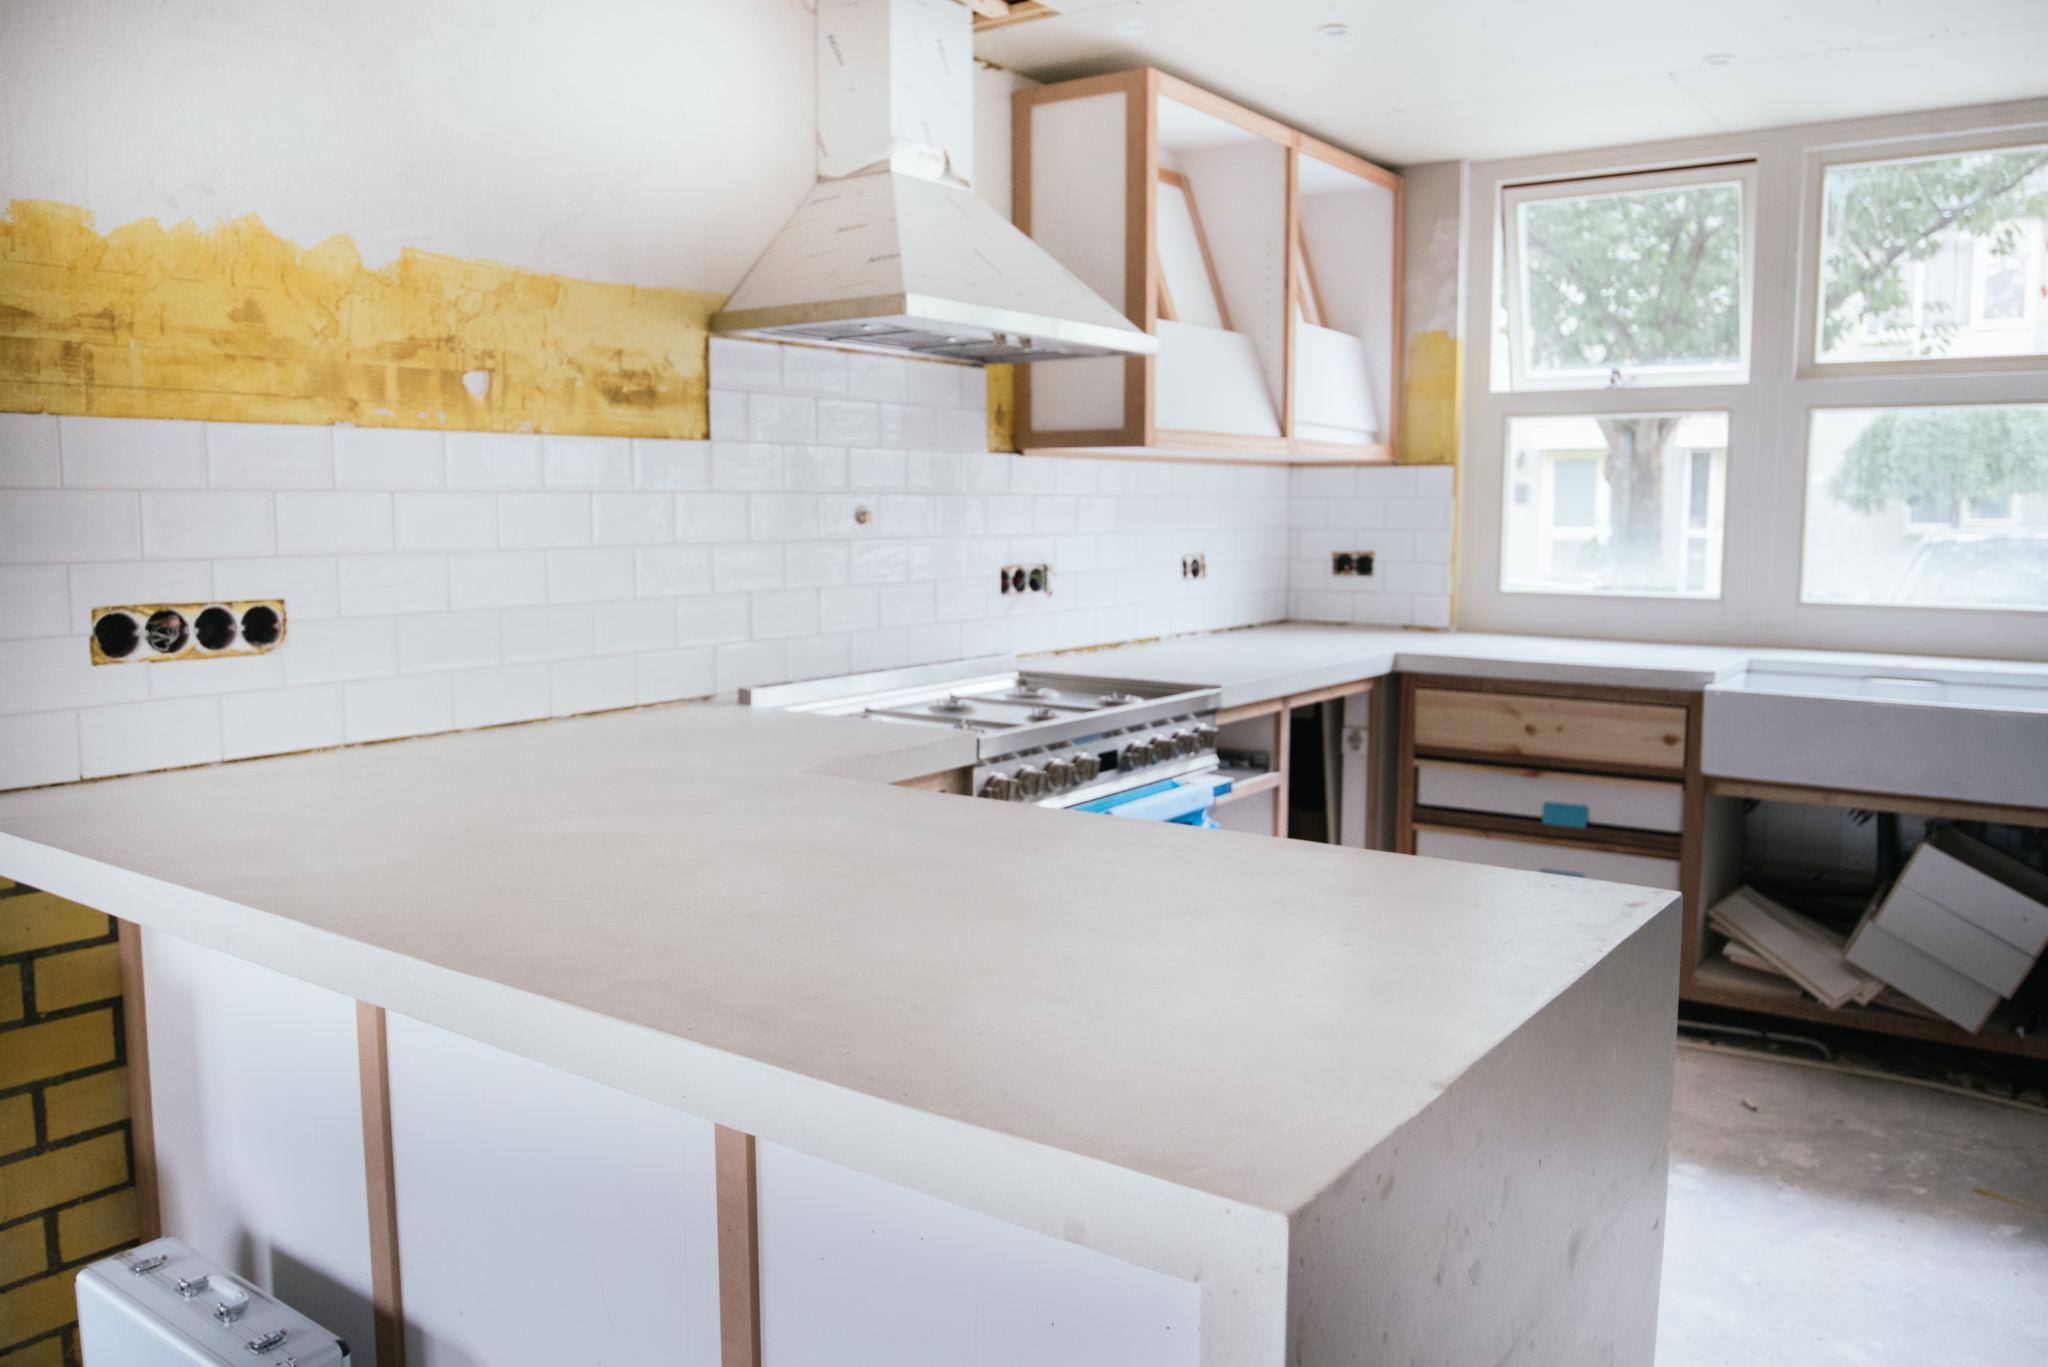 zelf je keuken bouwen